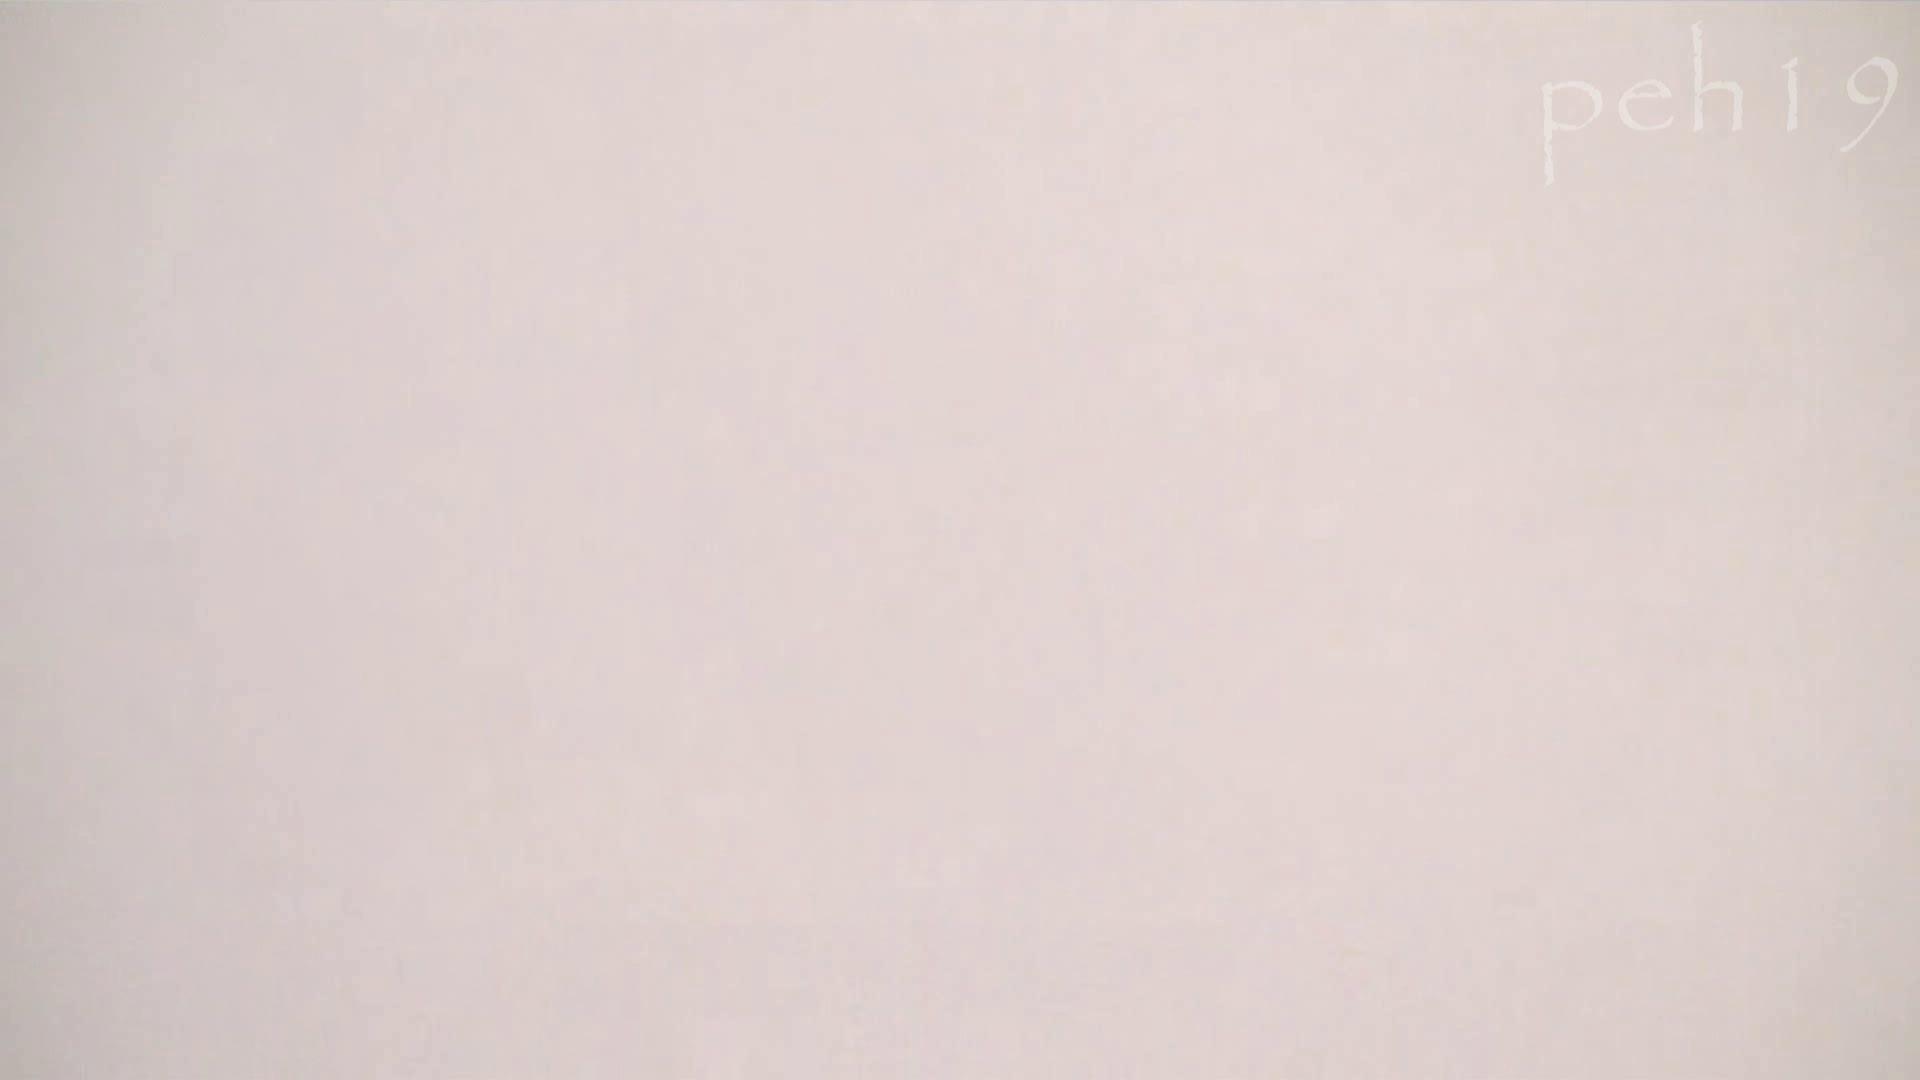 ※100個限定販売 至高下半身盗撮 プレミアム Vol.19 ハイビジョン 盗撮エロすぎ | OL  82連発 34